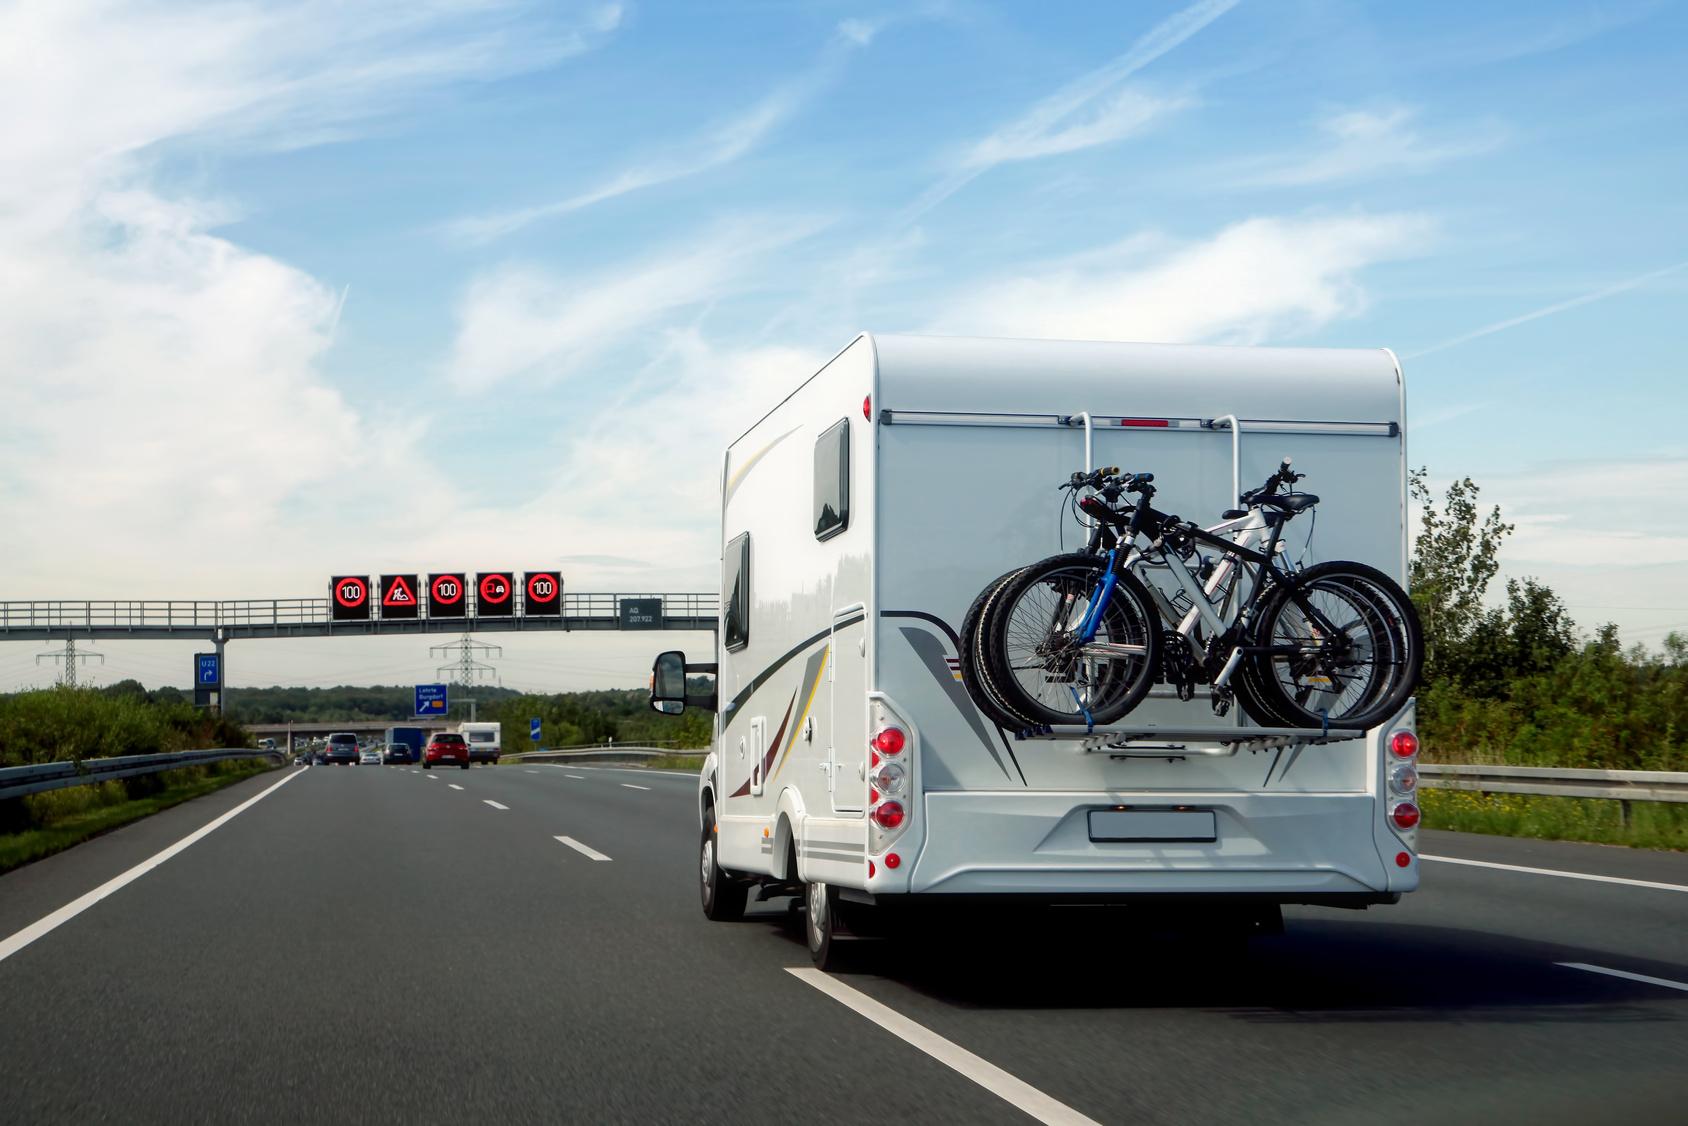 Reisen Mit Dem Rad Besonderheiten Bei Fahrradtr Ger